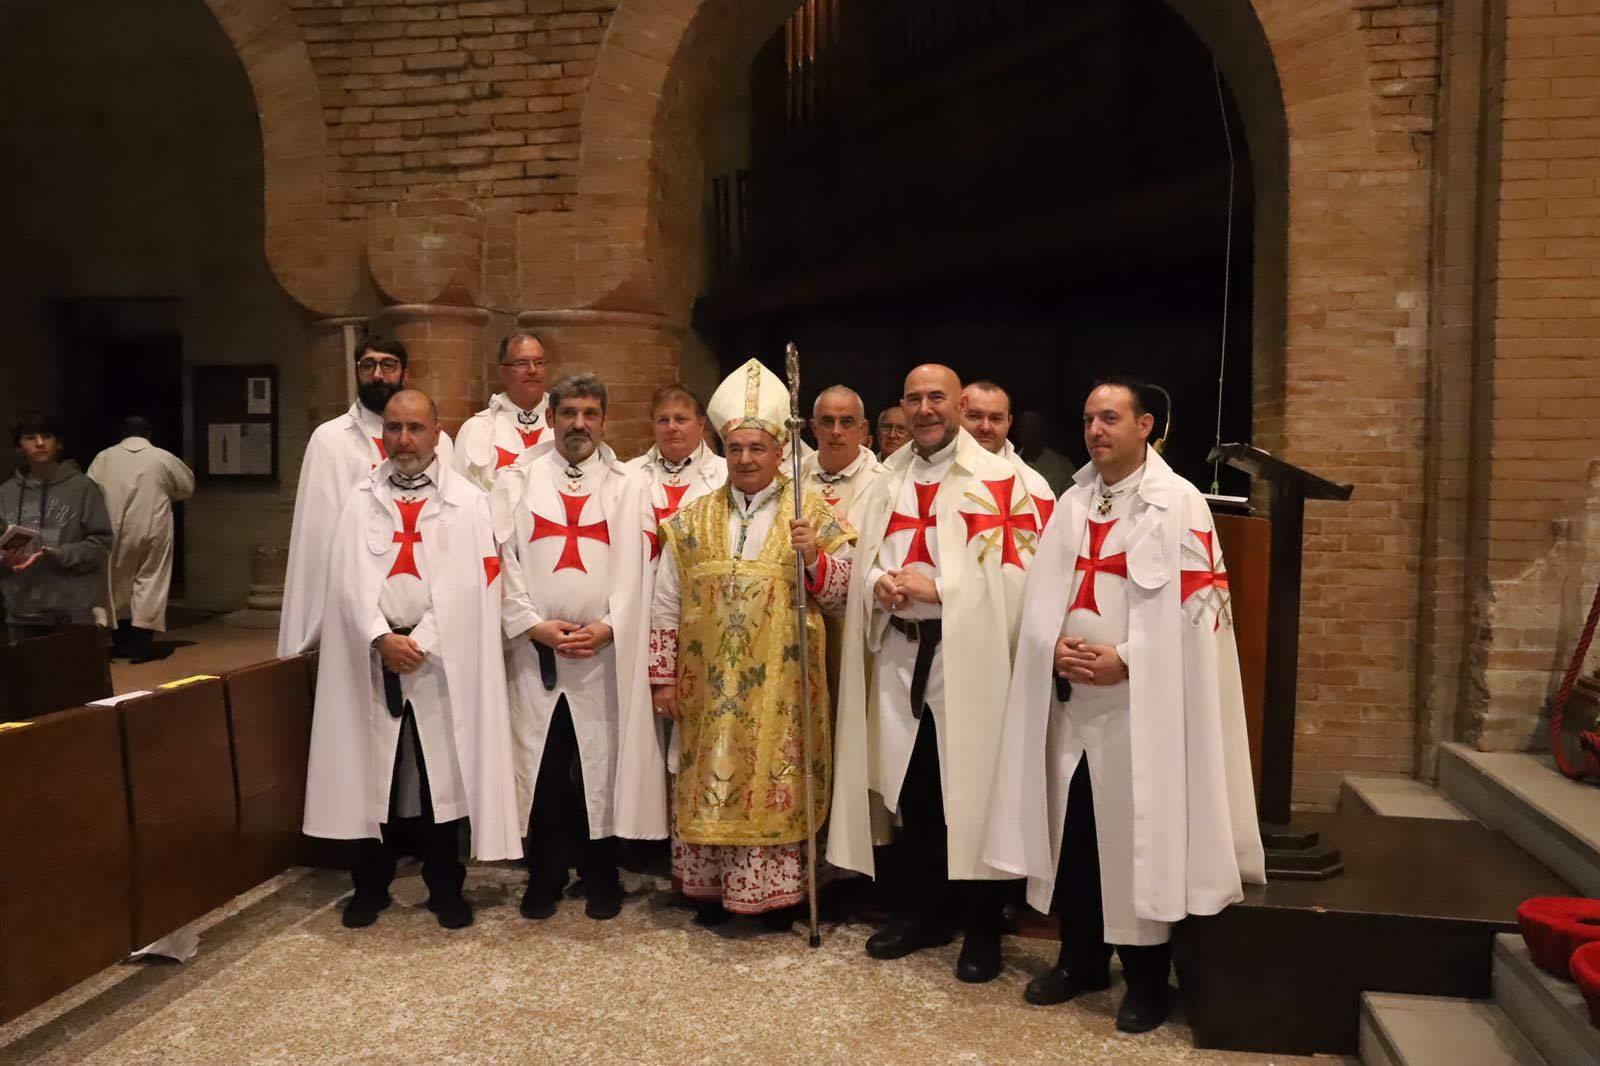 Festa di San Mercuriale Compatrono della Diocesi Forlì-Bertinoro – 26 Ottobre 2018 con S.E. Mons. Livio Corazza, Vescovo di Forlì-Bertinoro